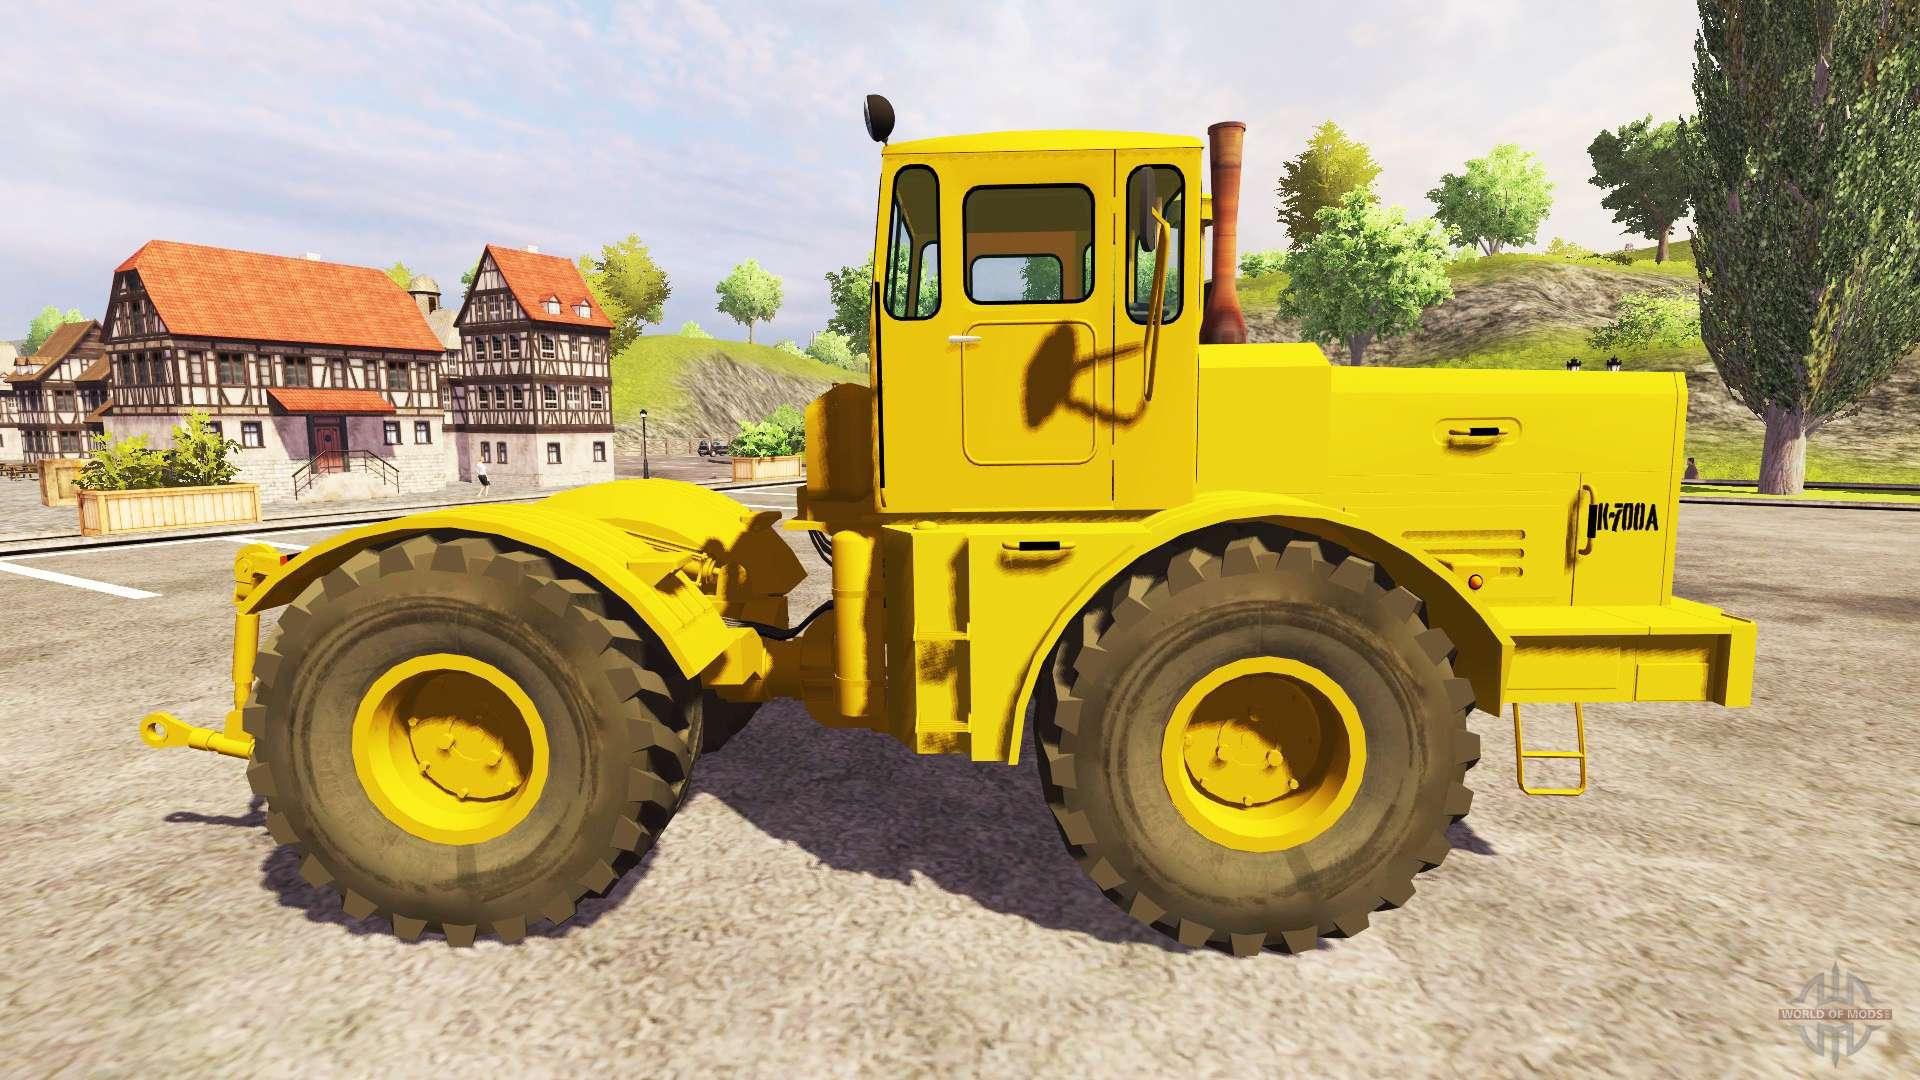 Тракторы до 40 л.с. в России - BizOrg.su